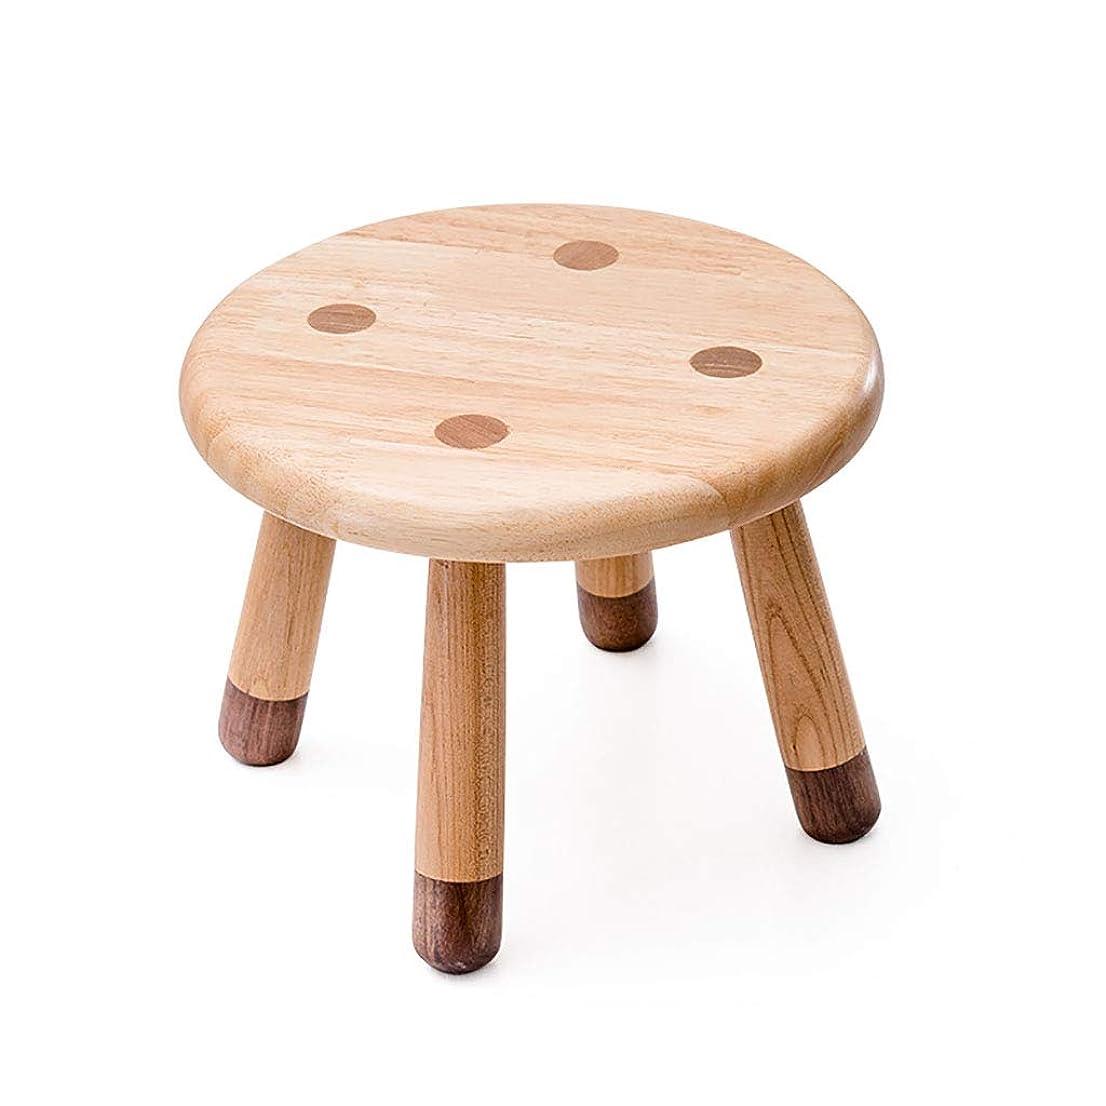 ブロックする司法定常キッズウッドプレイ学習テーブルとチェアセット、モダンなキッド家具、キッドデスクチェア/子供学習テーブル/ルームテーブル/スタディデスク